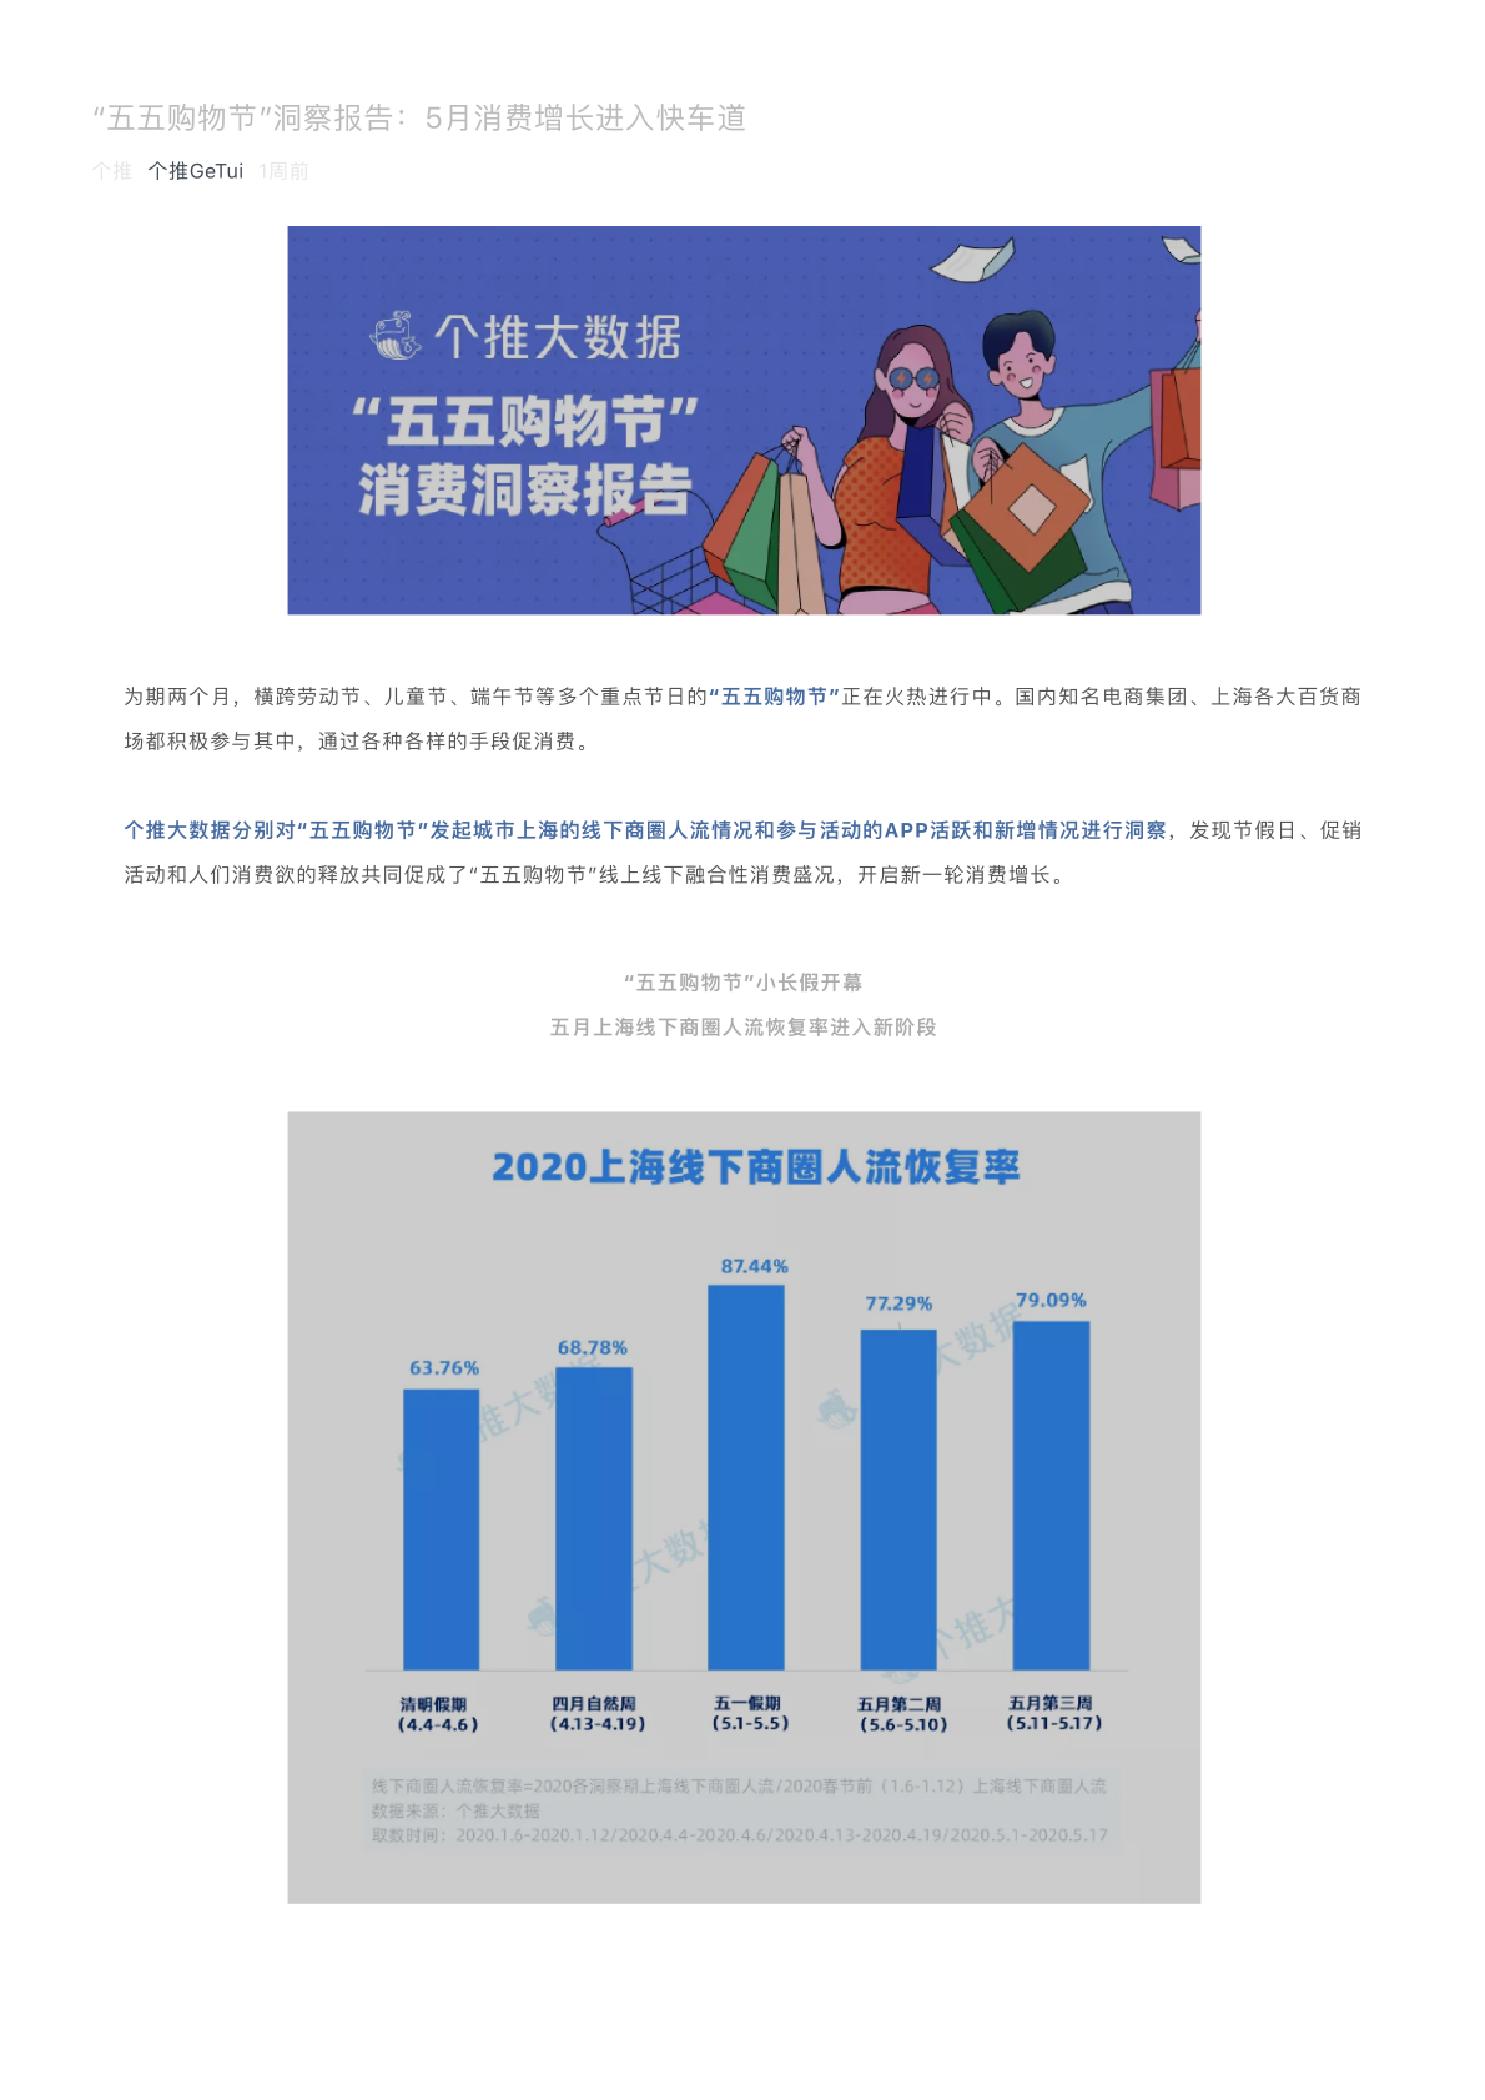 """""""五五购物节""""洞察报告:5月消费增长进入快车道"""